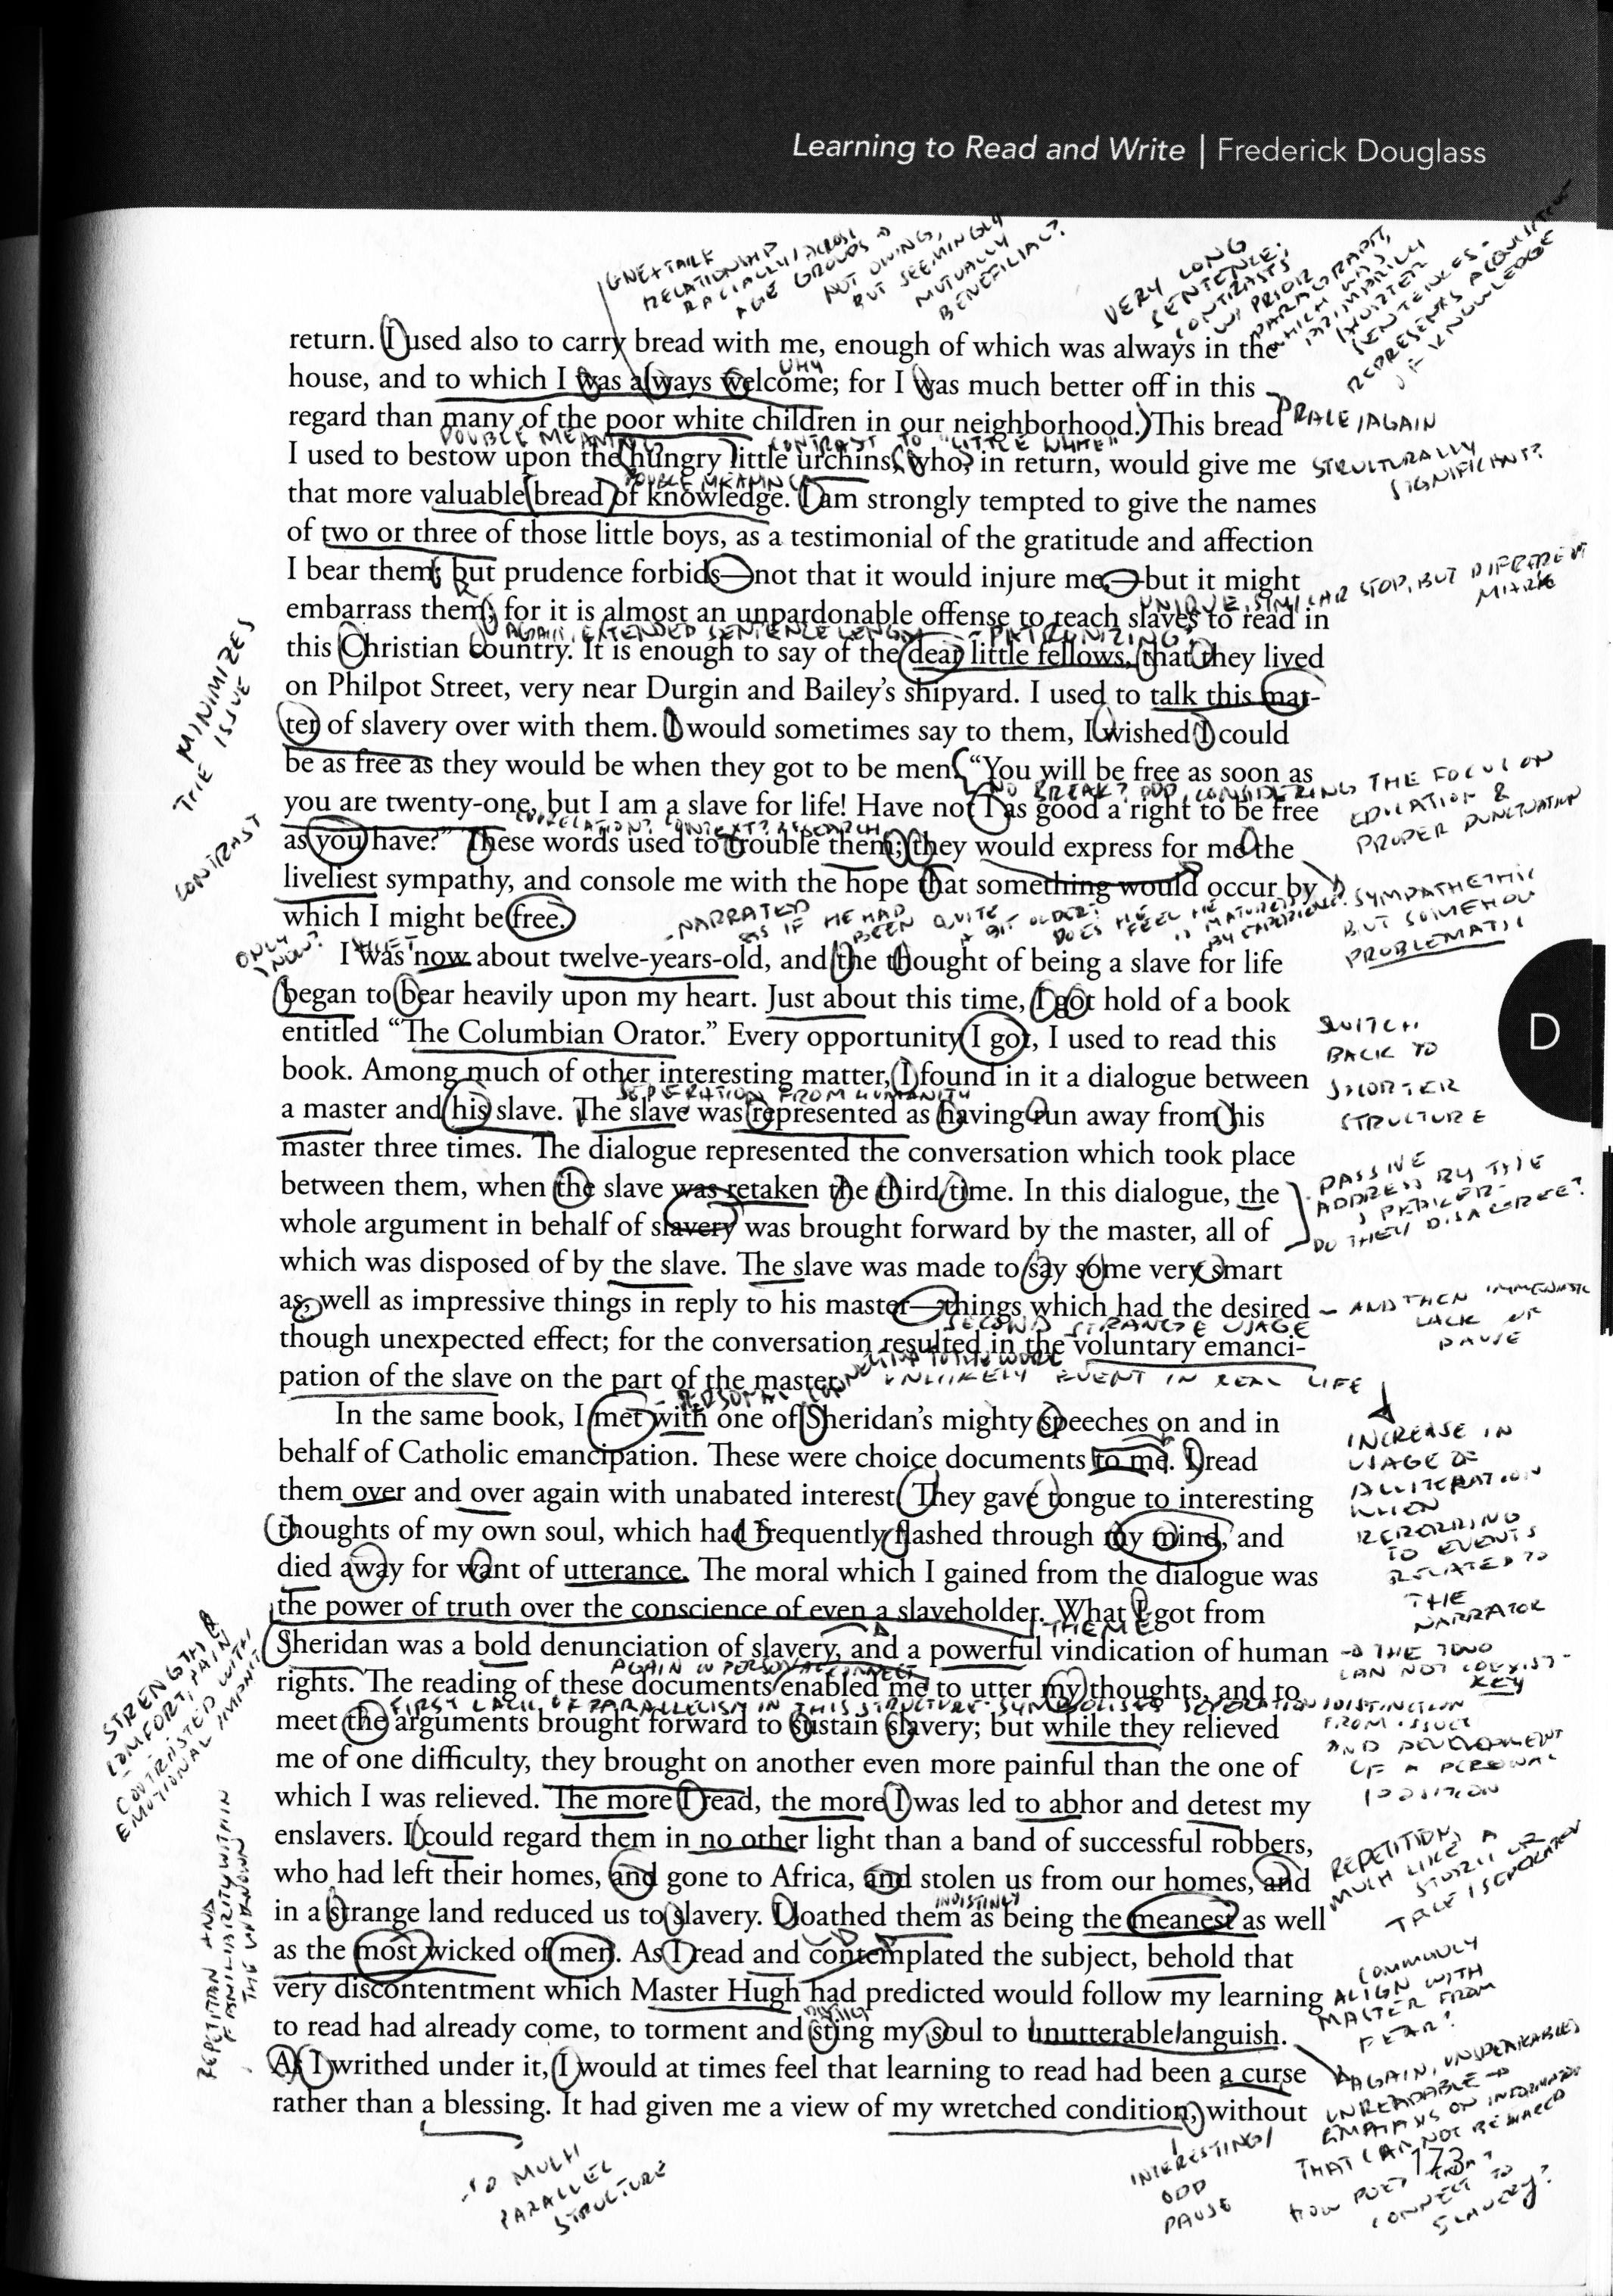 Frederick Douglass Essay Frederick Douglass Narrative Essay